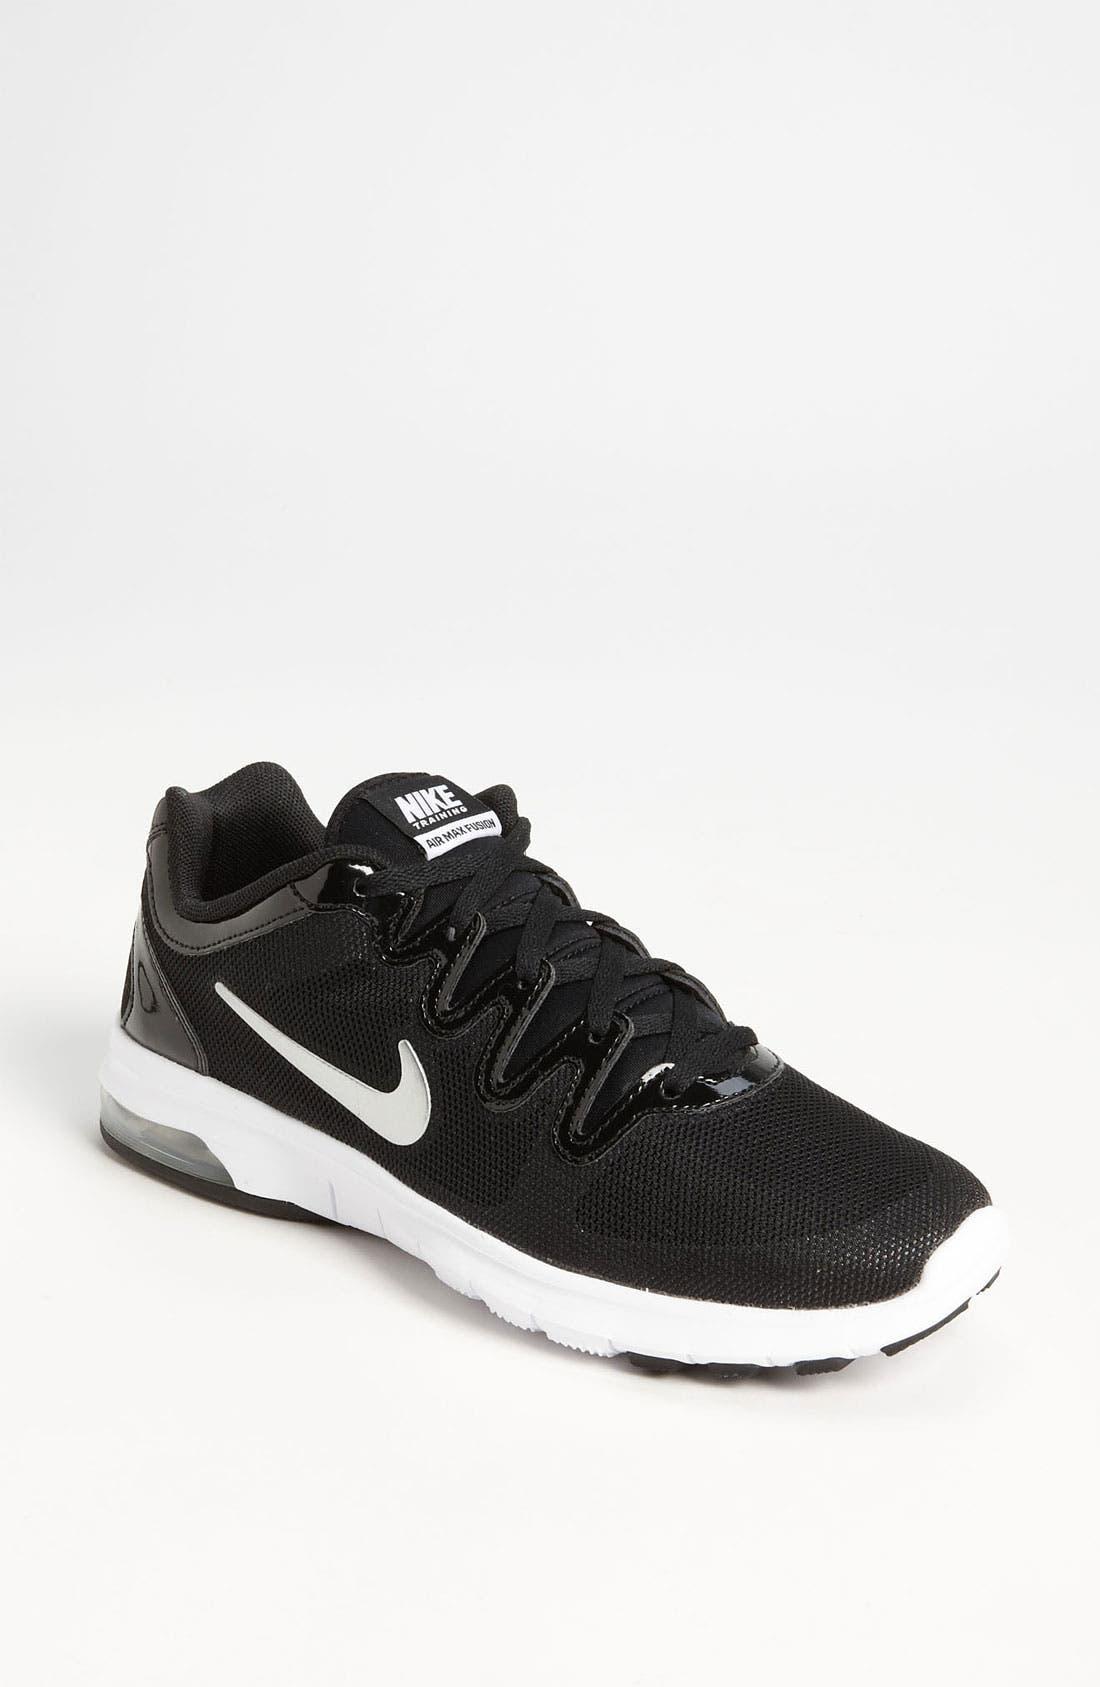 Main Image - Nike 'Air Max - Fusion' Training Shoe (Women)